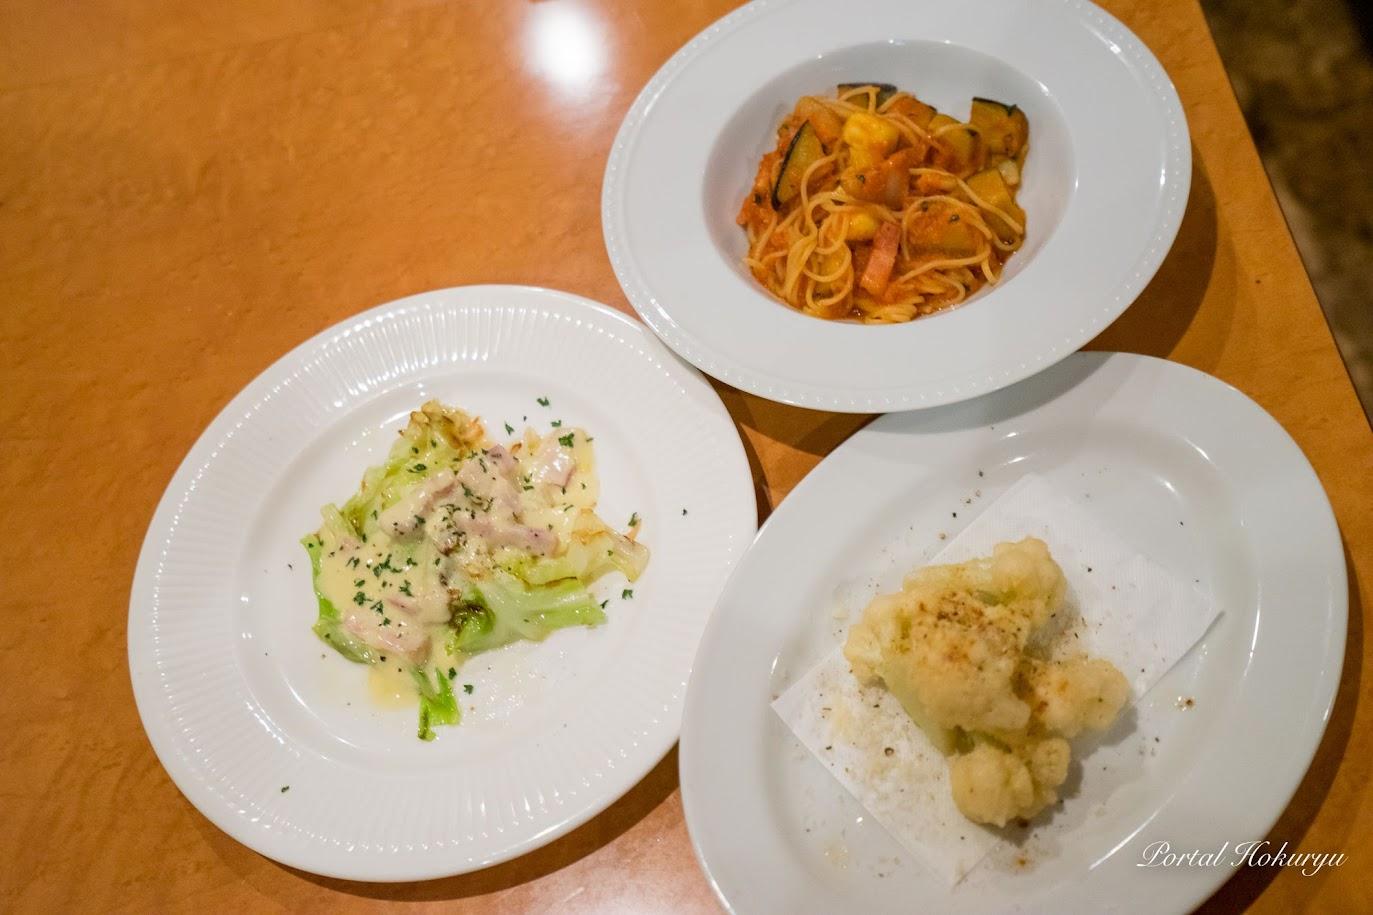 「カリフラワーのフリット」「夏野菜とベーコンのトマトソースパスタ」「キャベツのステーキベーコンソース」